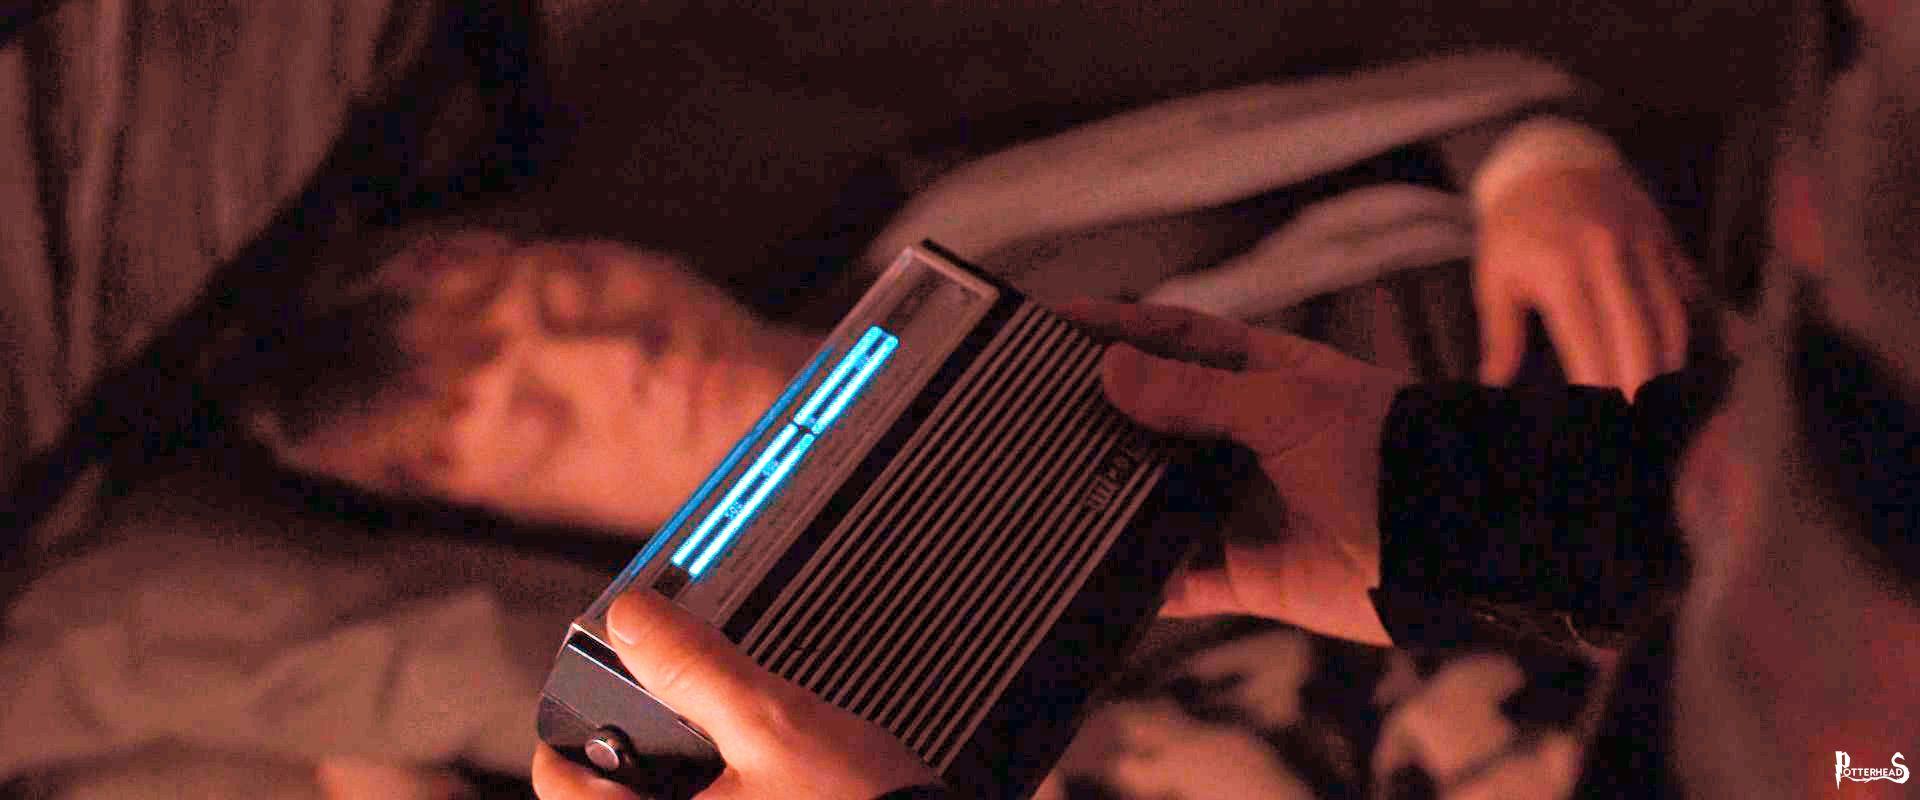 Radio Potter Harry Potter - PotterPedia.it